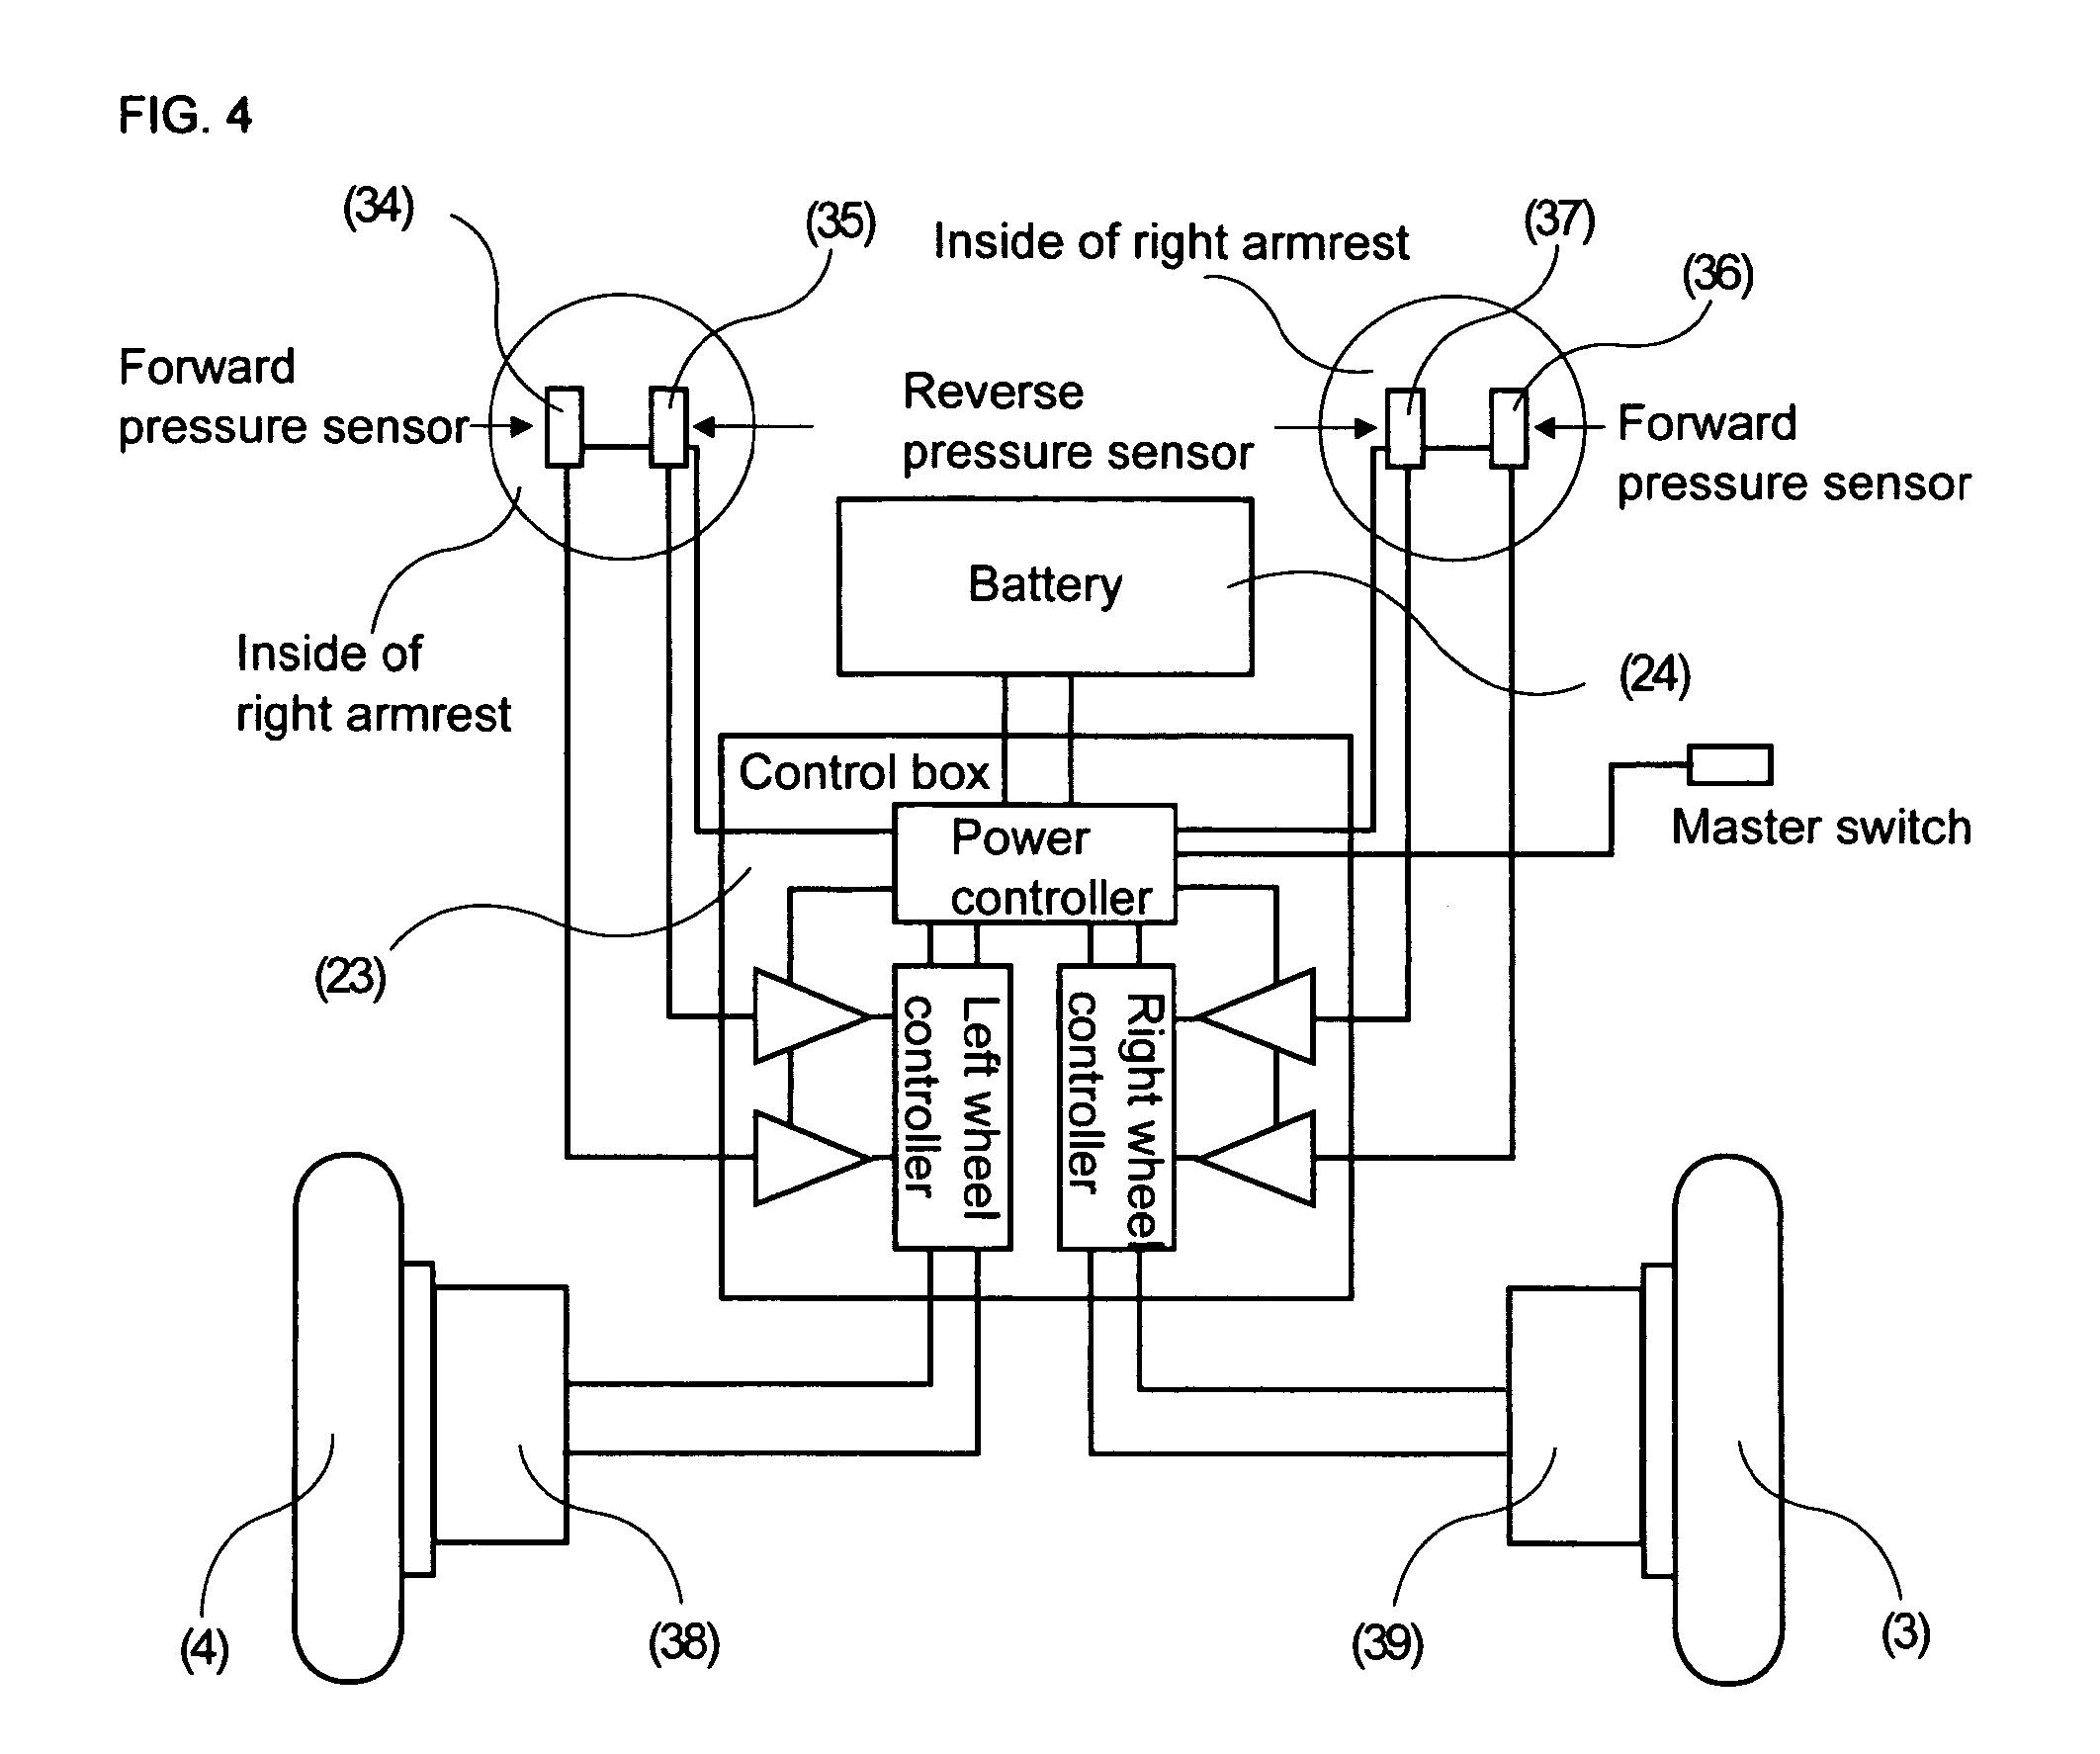 bad boy wiring diagram 2012 bt 0763  wiring diagram for bad boy mower download diagram  wiring diagram for bad boy mower